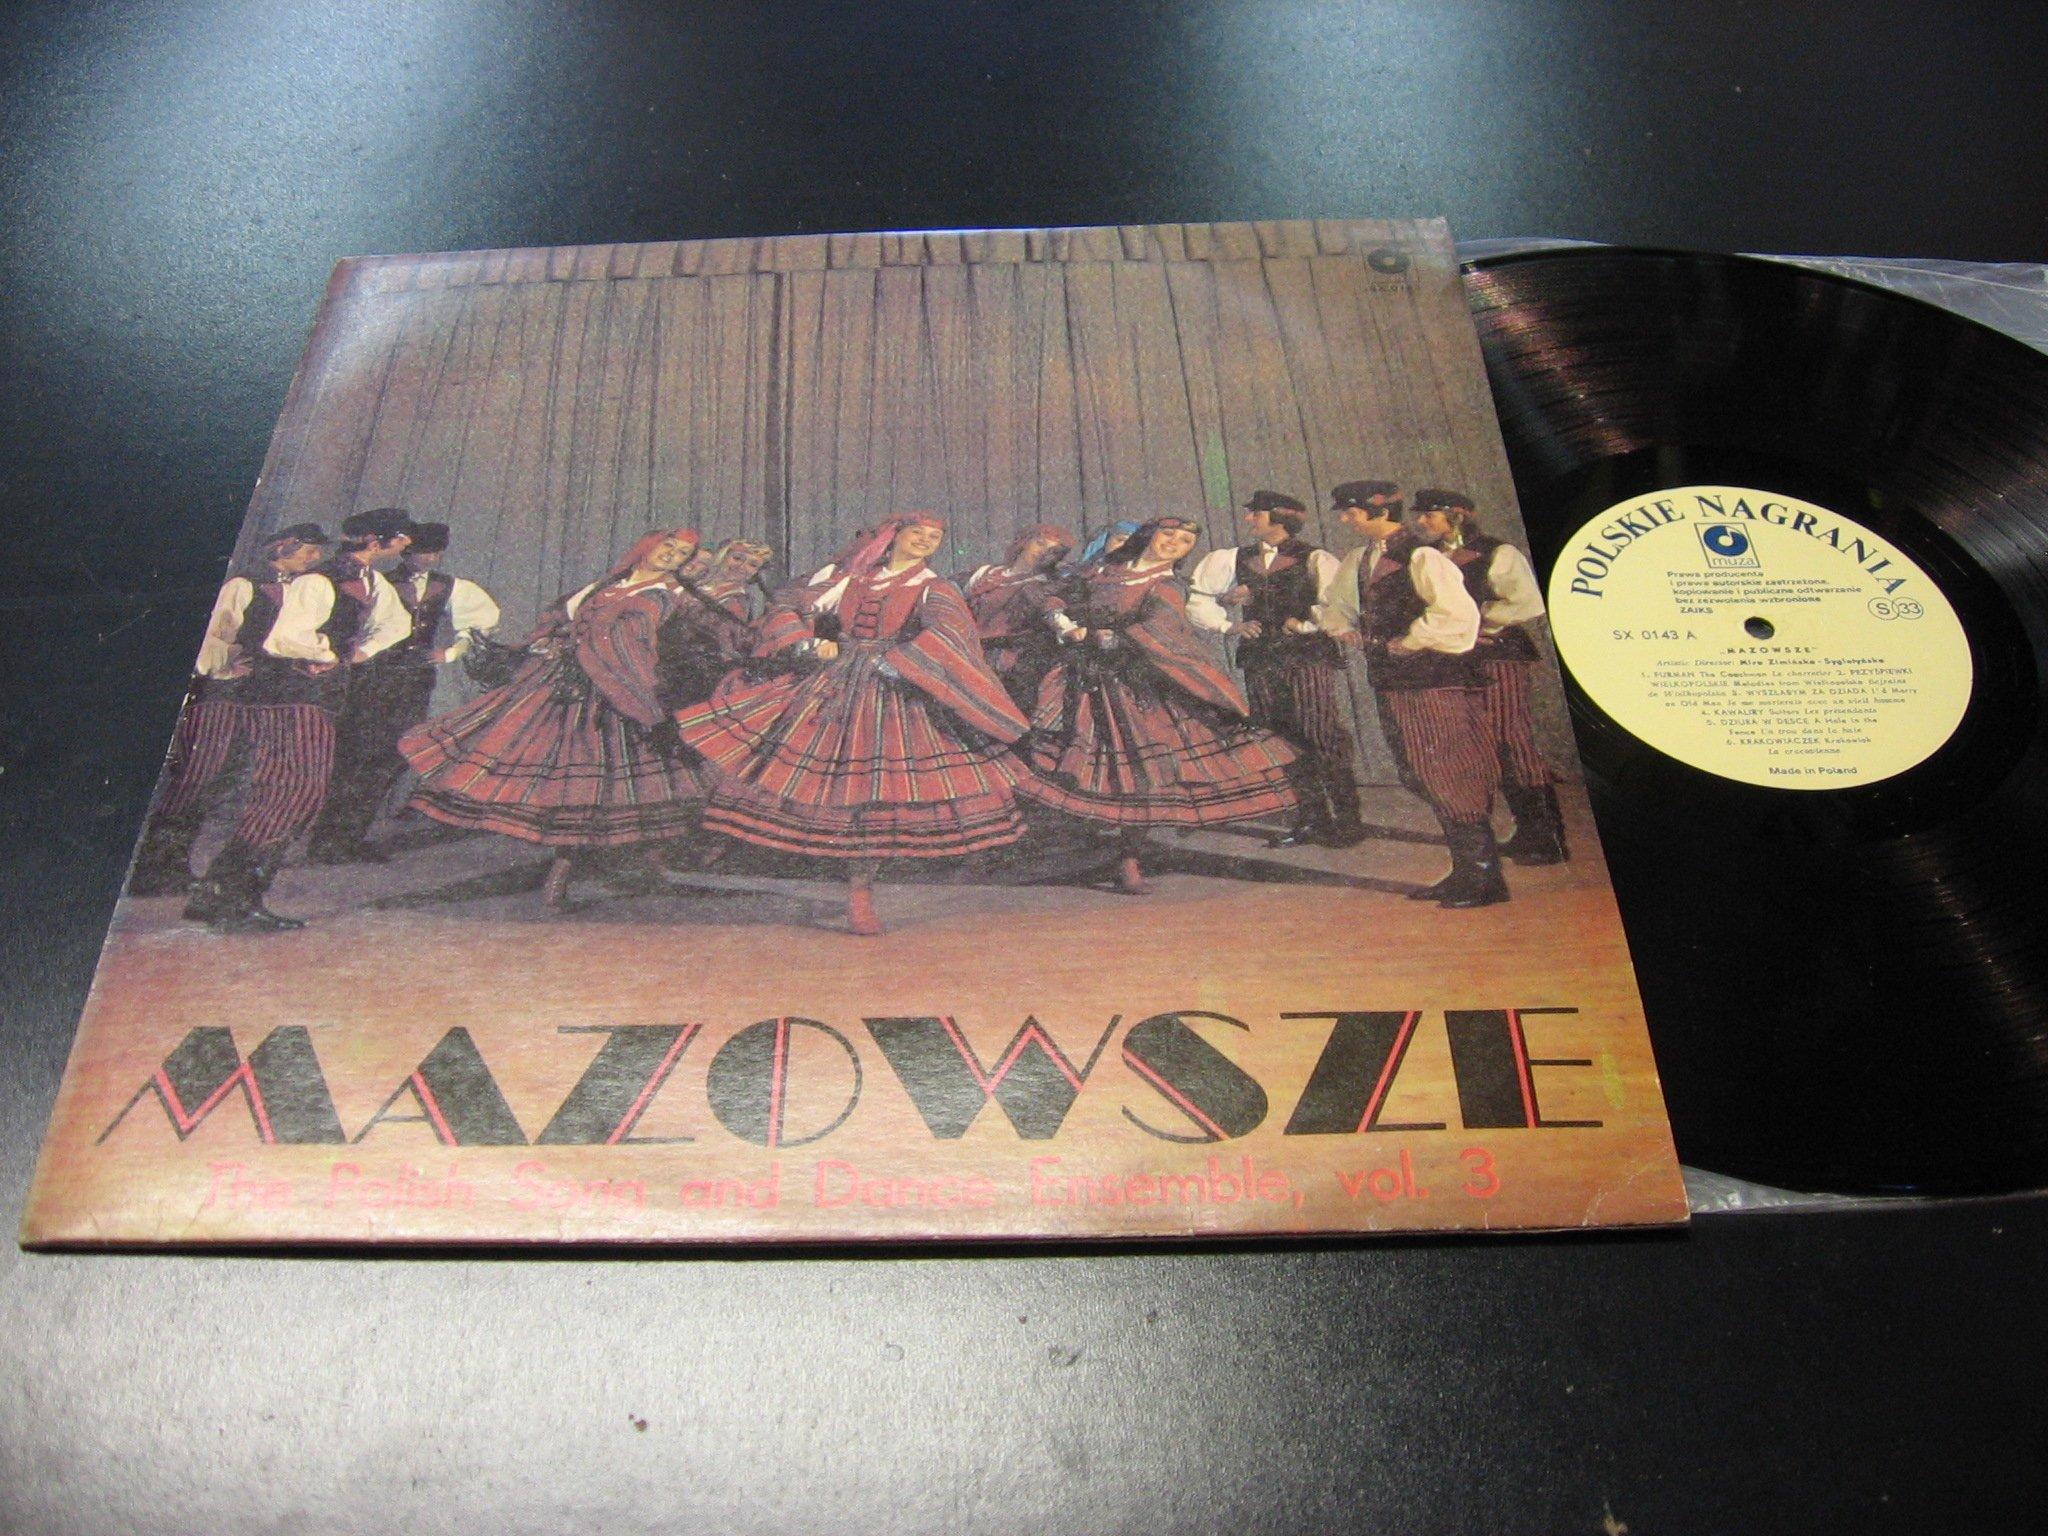 MAZOWSZE vol.3 `````````` LP ```````````` Opole